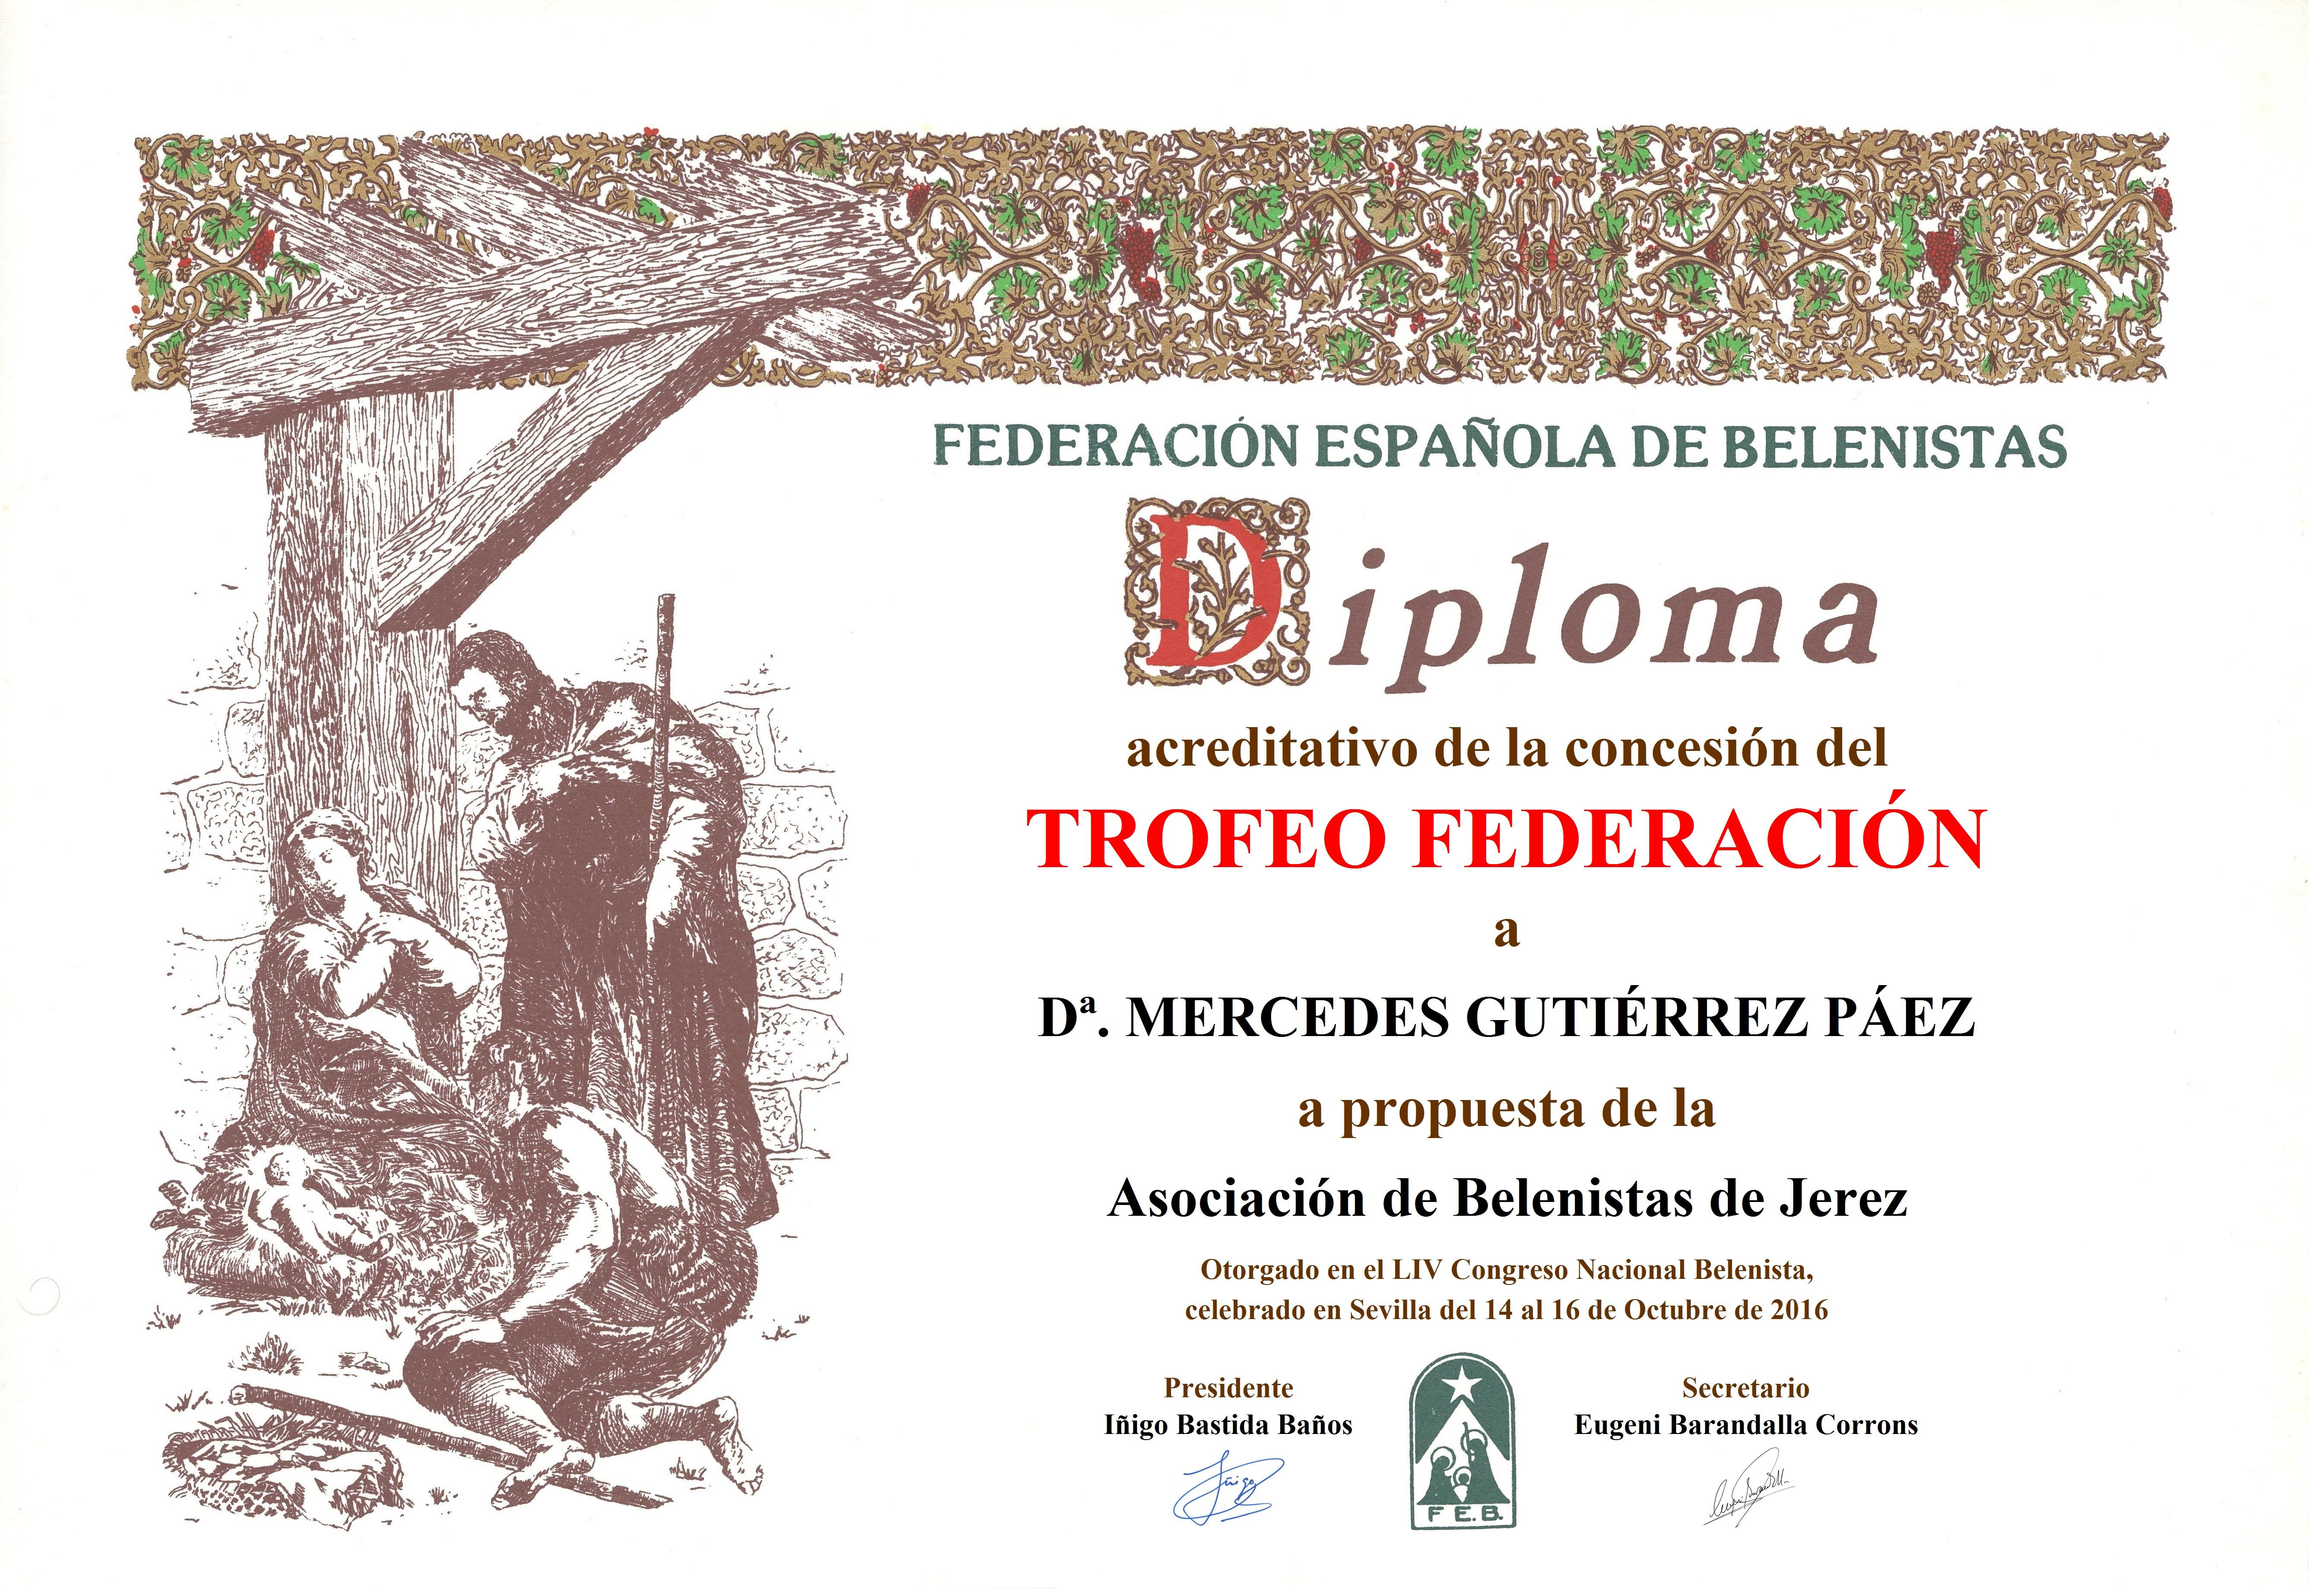 Mercedes Gutiérrez Páez - Diploma Trofeo FEB 2016